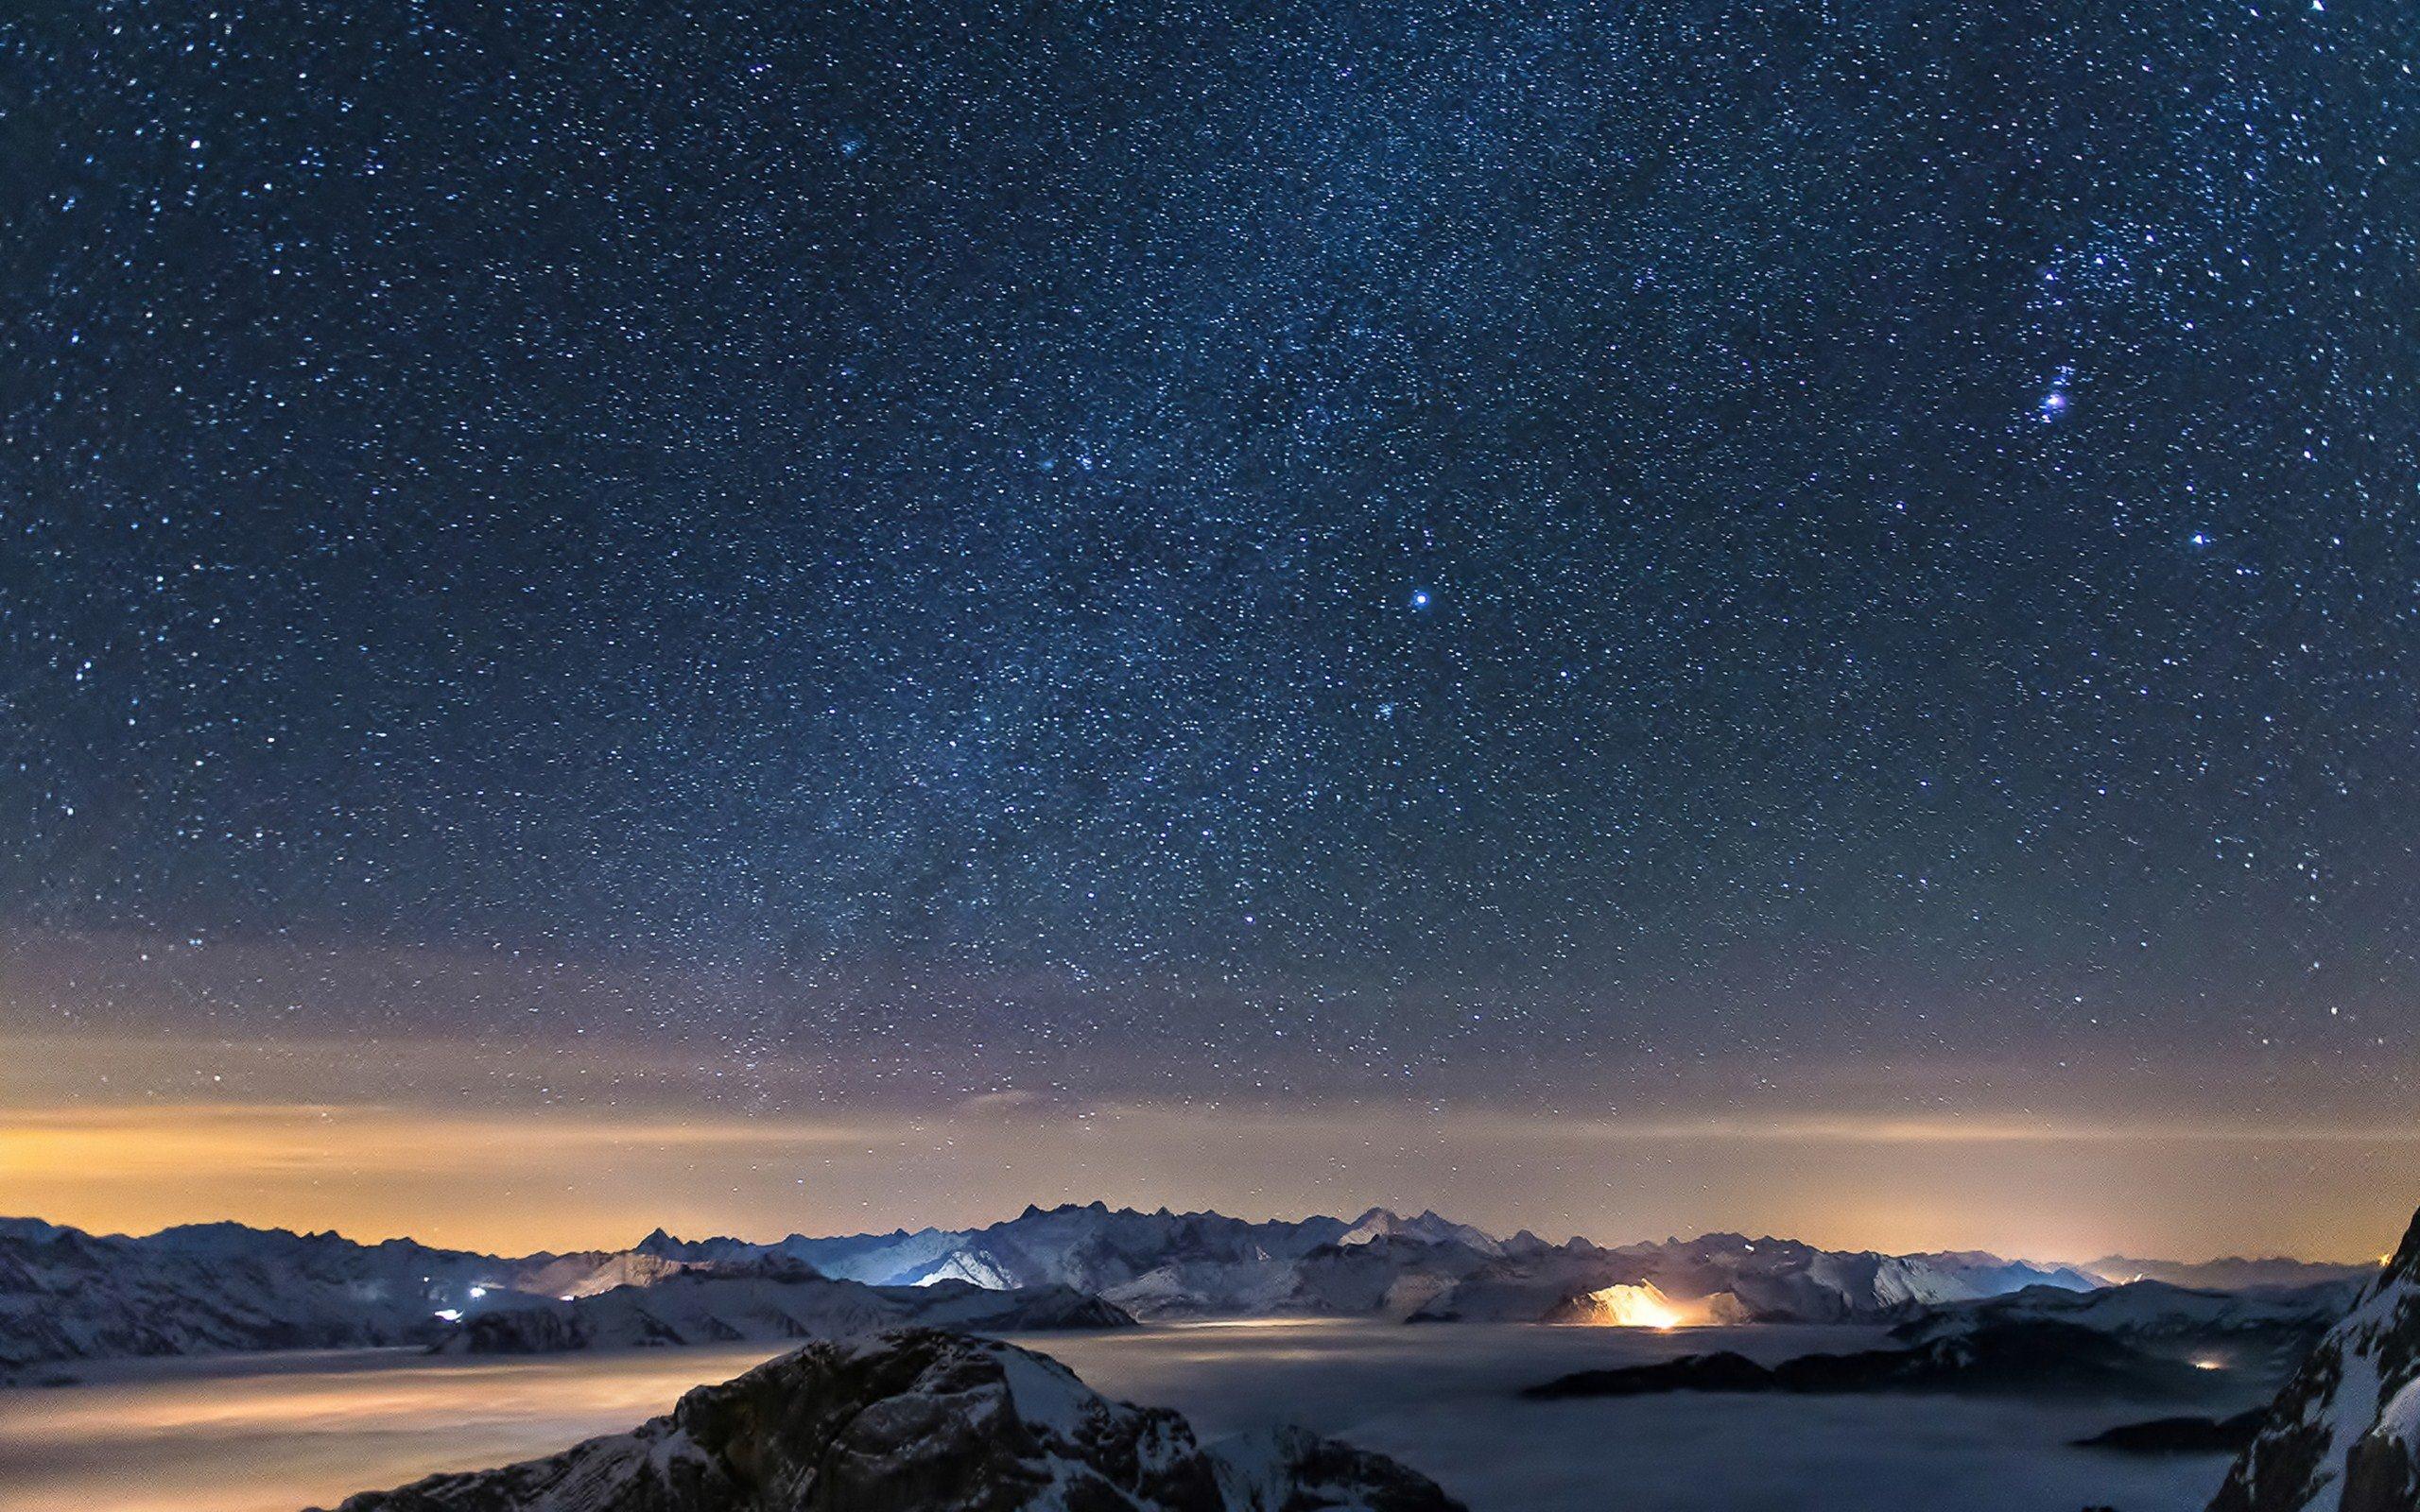 Nature Mountain Galaxy Night Landscape Fog Stars Ultrahd 4k Wallpaper Wallpaper 2560x1600 234957 Wallpaperup